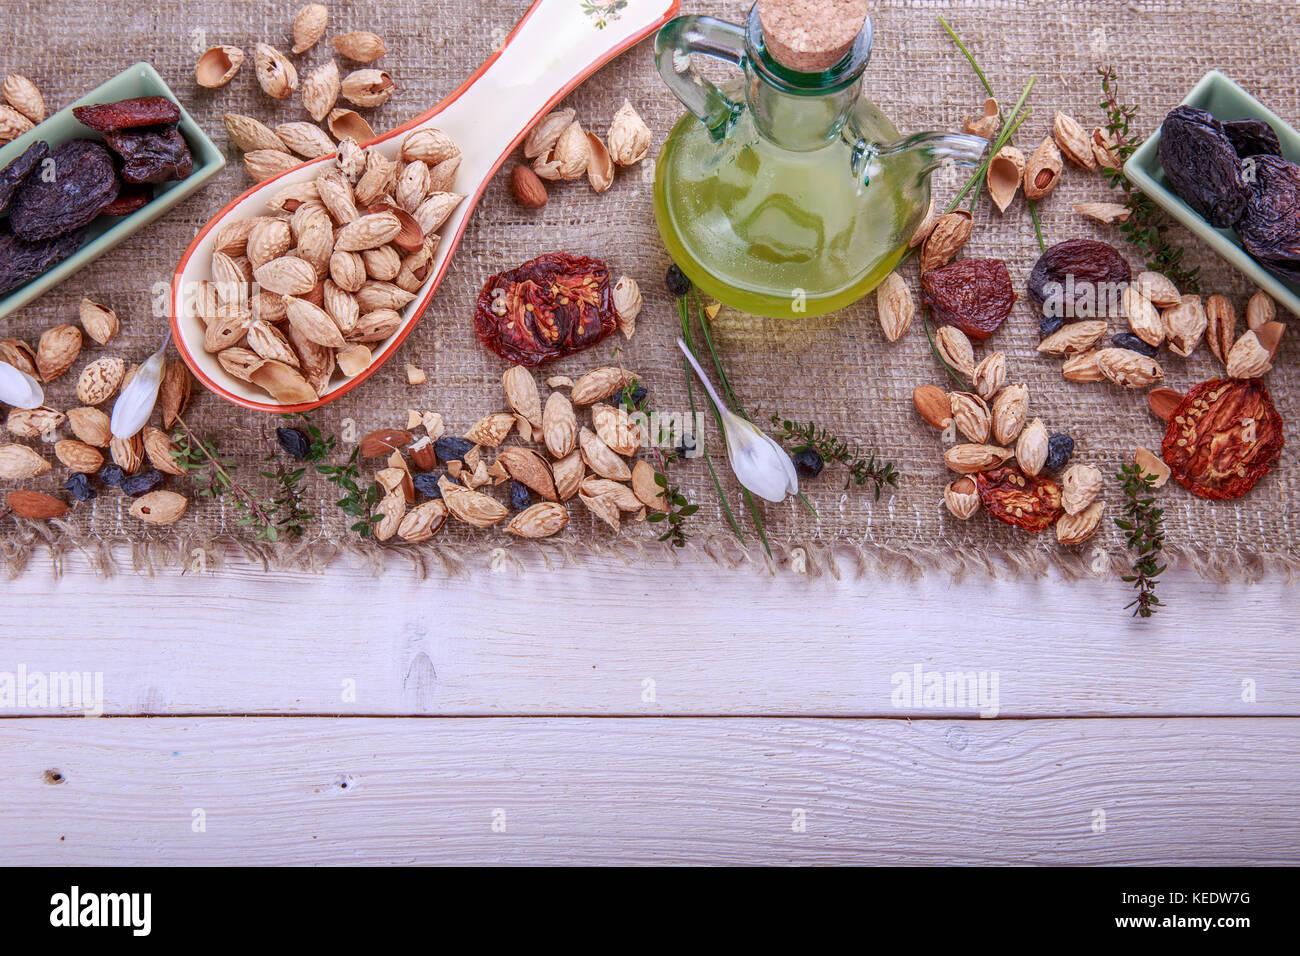 Le prugne, albicocche secche, uvetta, mandorle, pomodori secchi - handmade. frutta secca, verdure, dadi e burro. Immagini Stock